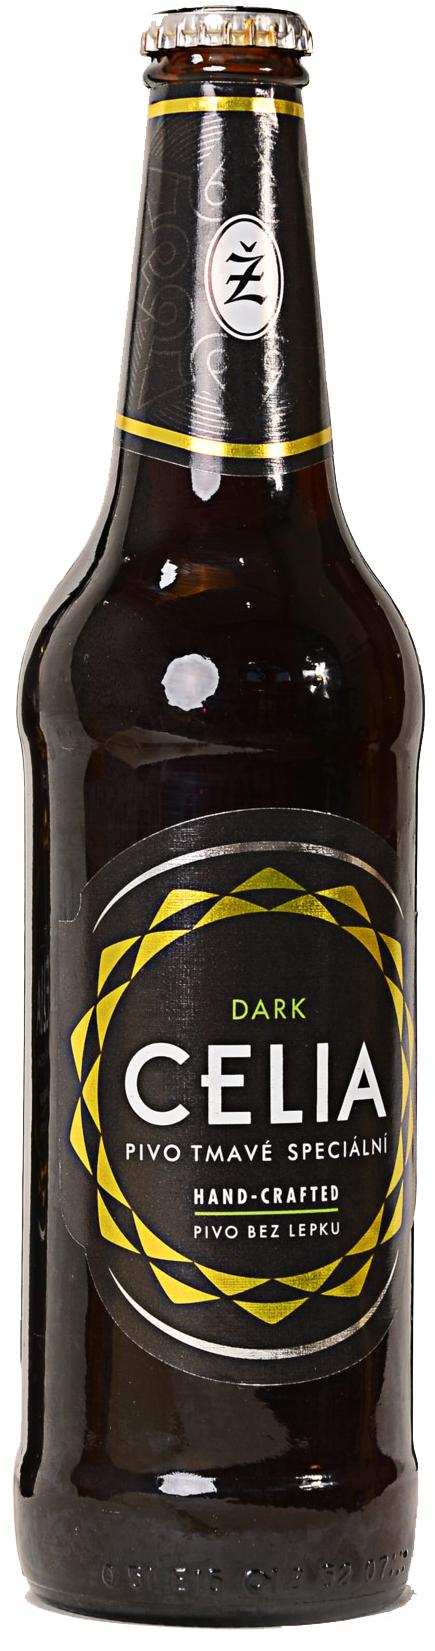 Žatec Celia Dark bezlepkové pivo